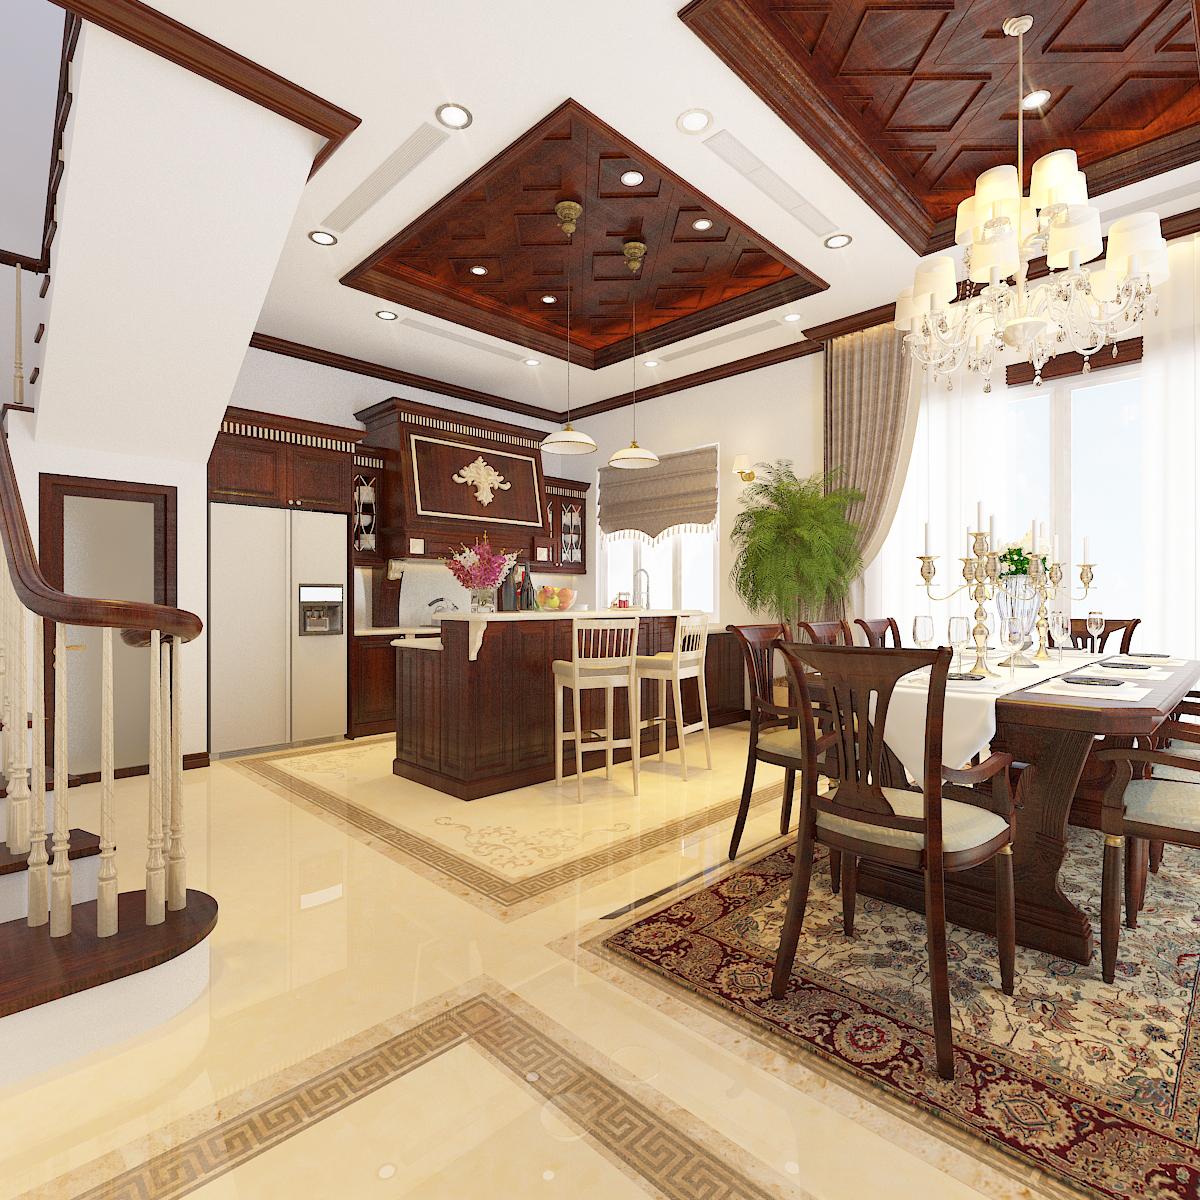 thiết kế nội thất Biệt Thự tại Hà Nội bt Vinhomes - riverside 20 1568276267